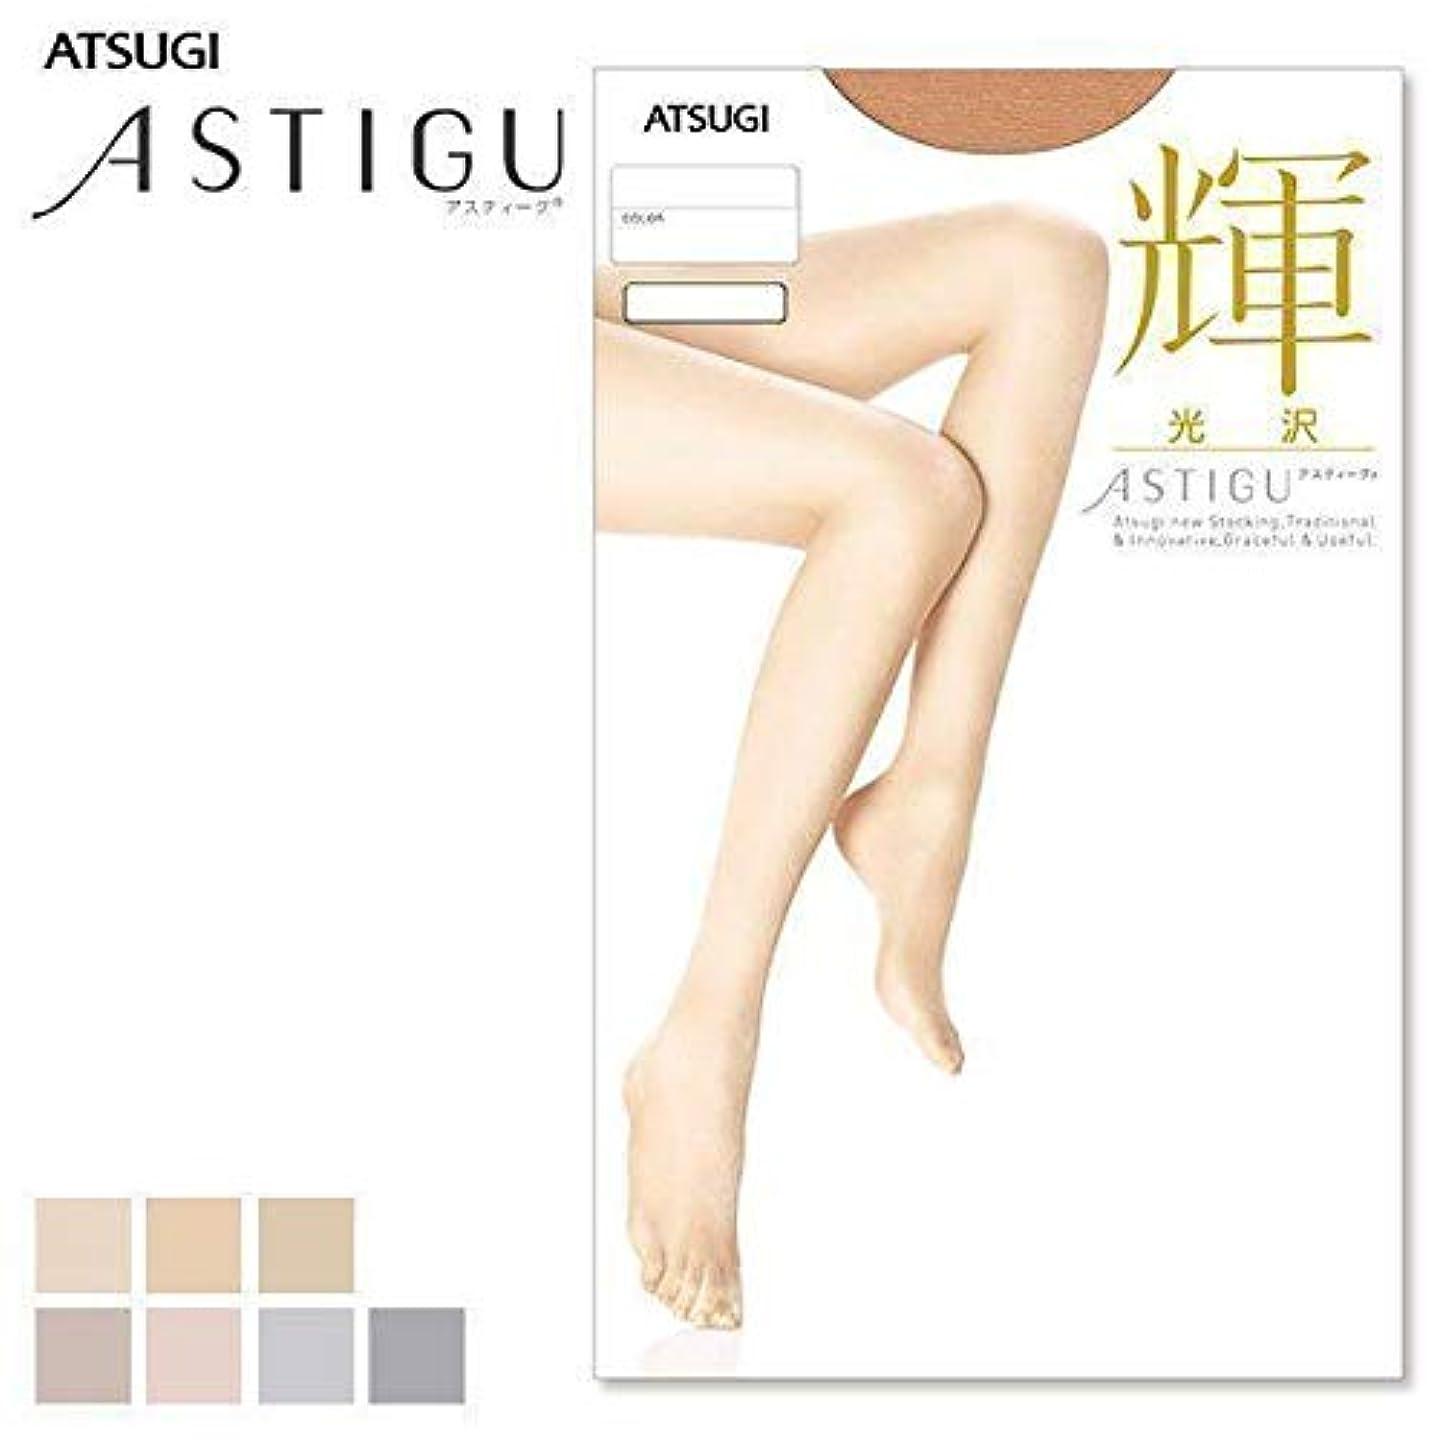 ロードブロッキングストレッチ天才アツギ アスティーグ ASTIGU 【輝】光沢 (アツギパンスト?サポートパンティストッキング) FP5034